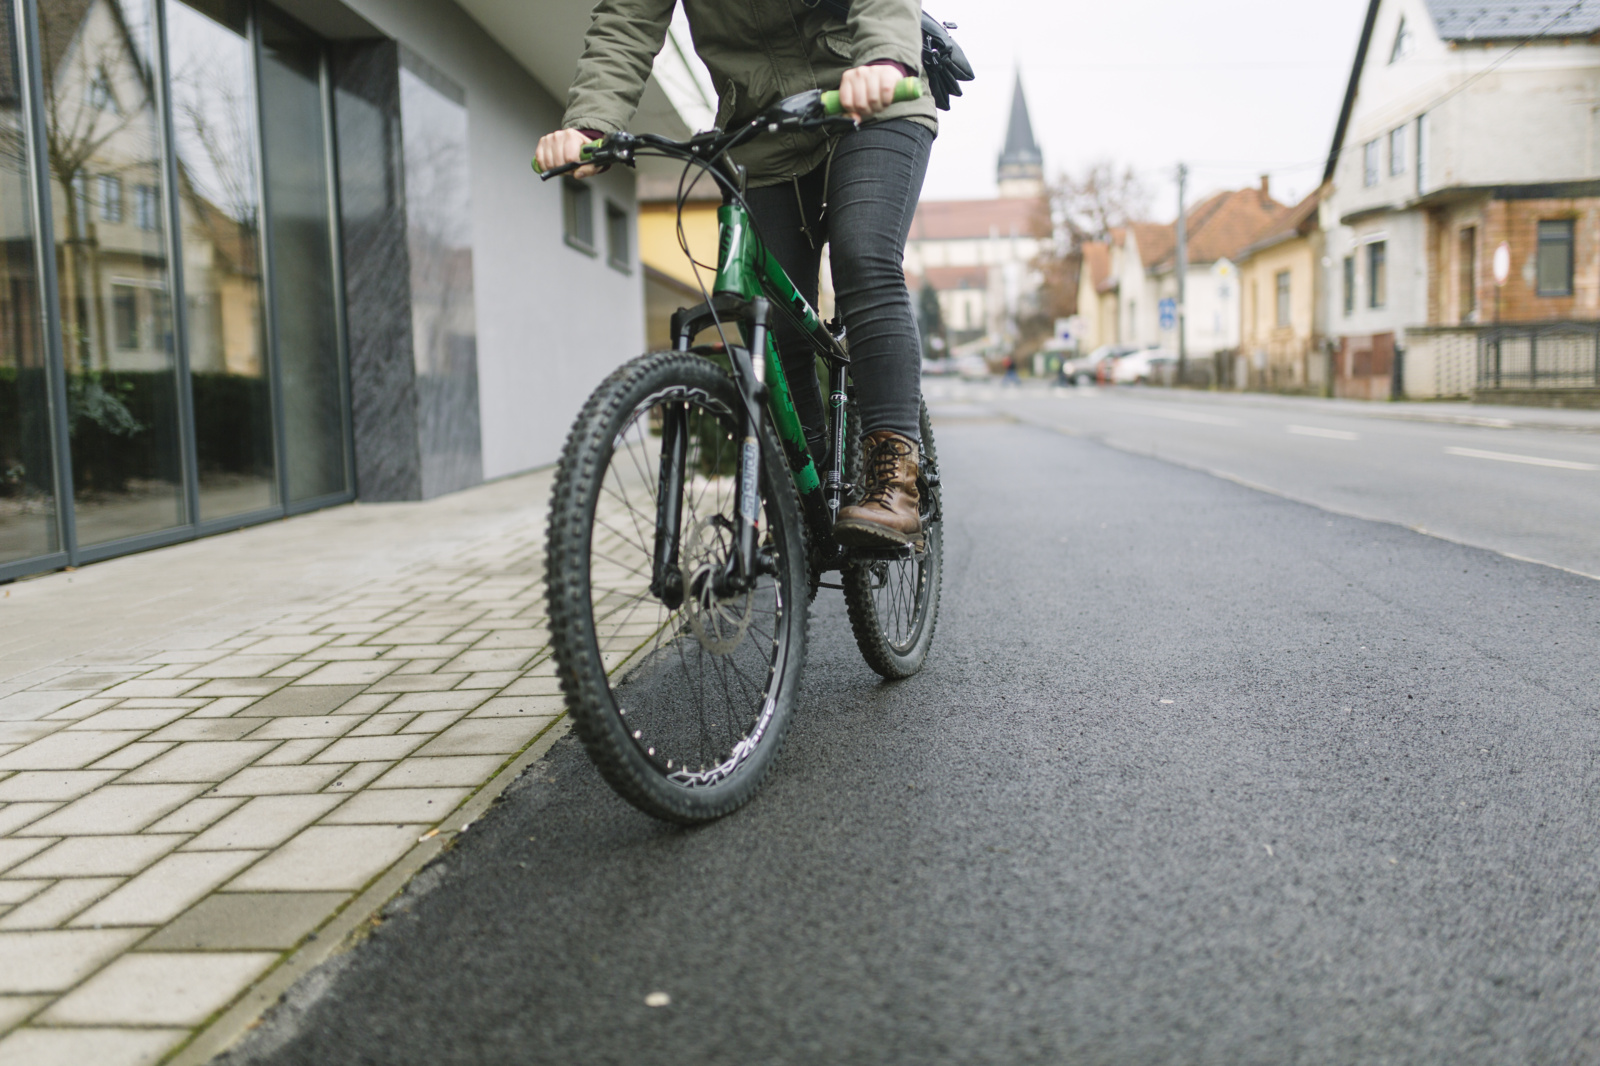 Taisyklės galioja ir dviračių takuose: ką pamiršta eismo dalyviai?